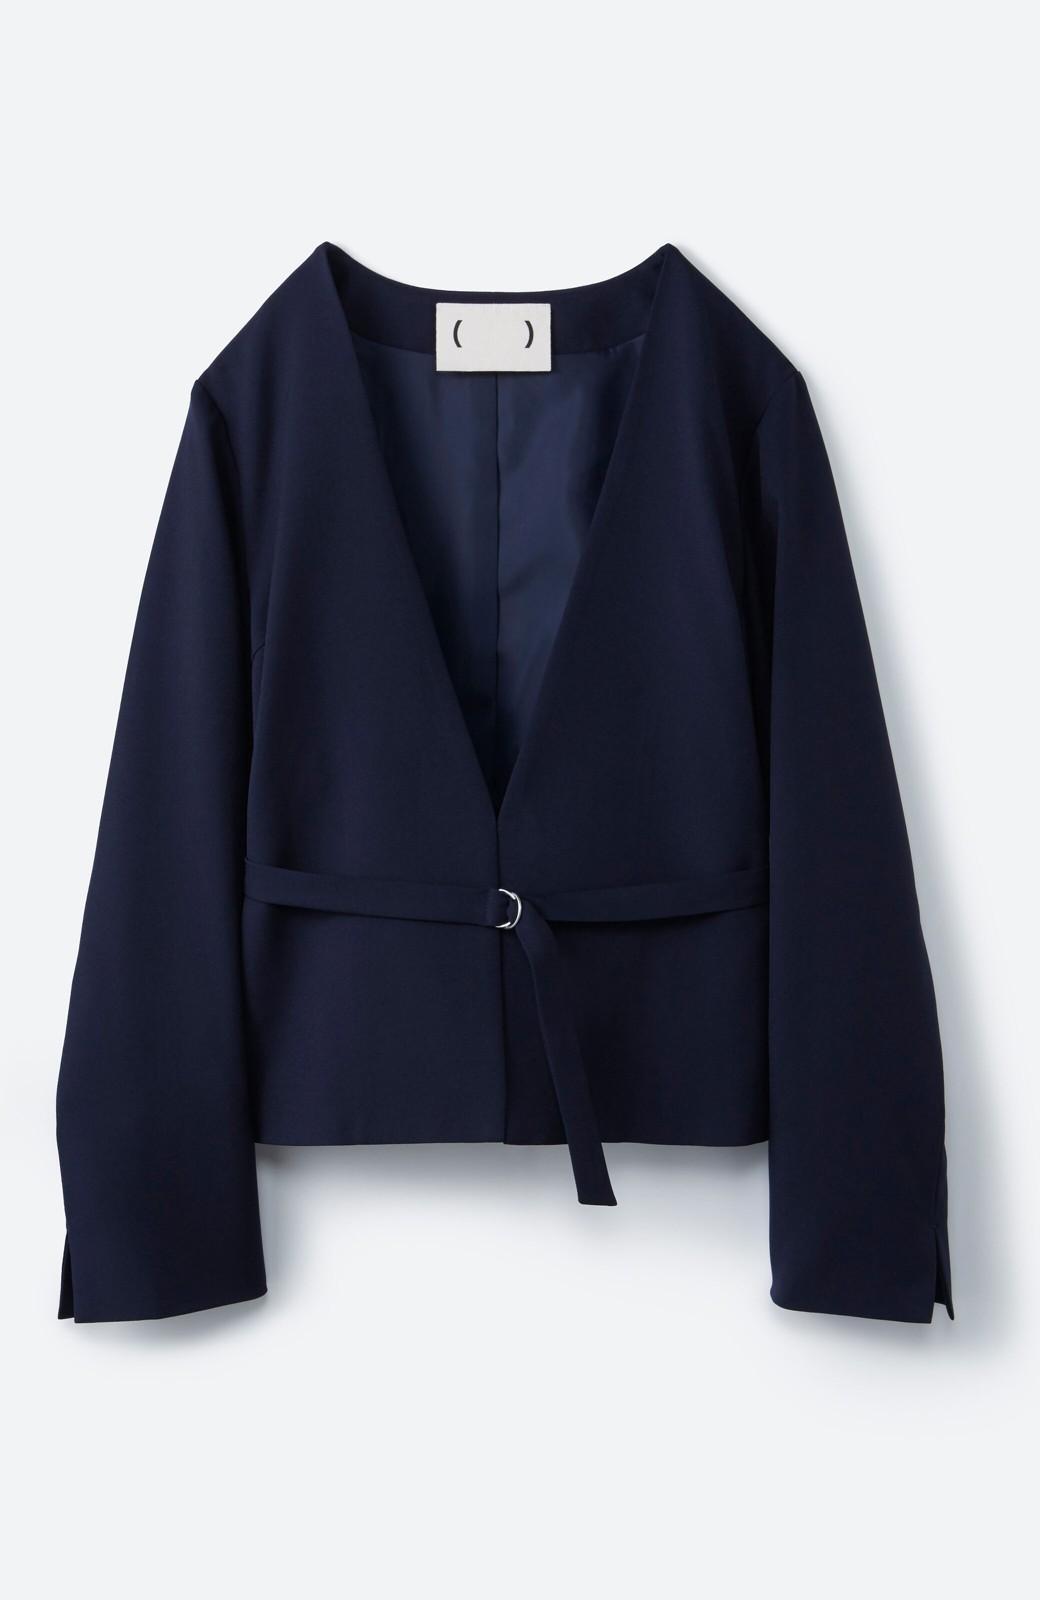 haco! 持っていると便利な野暮ったくならないフォーマルジャケット・スカートの2点セット <ダークネイビー>の商品写真2